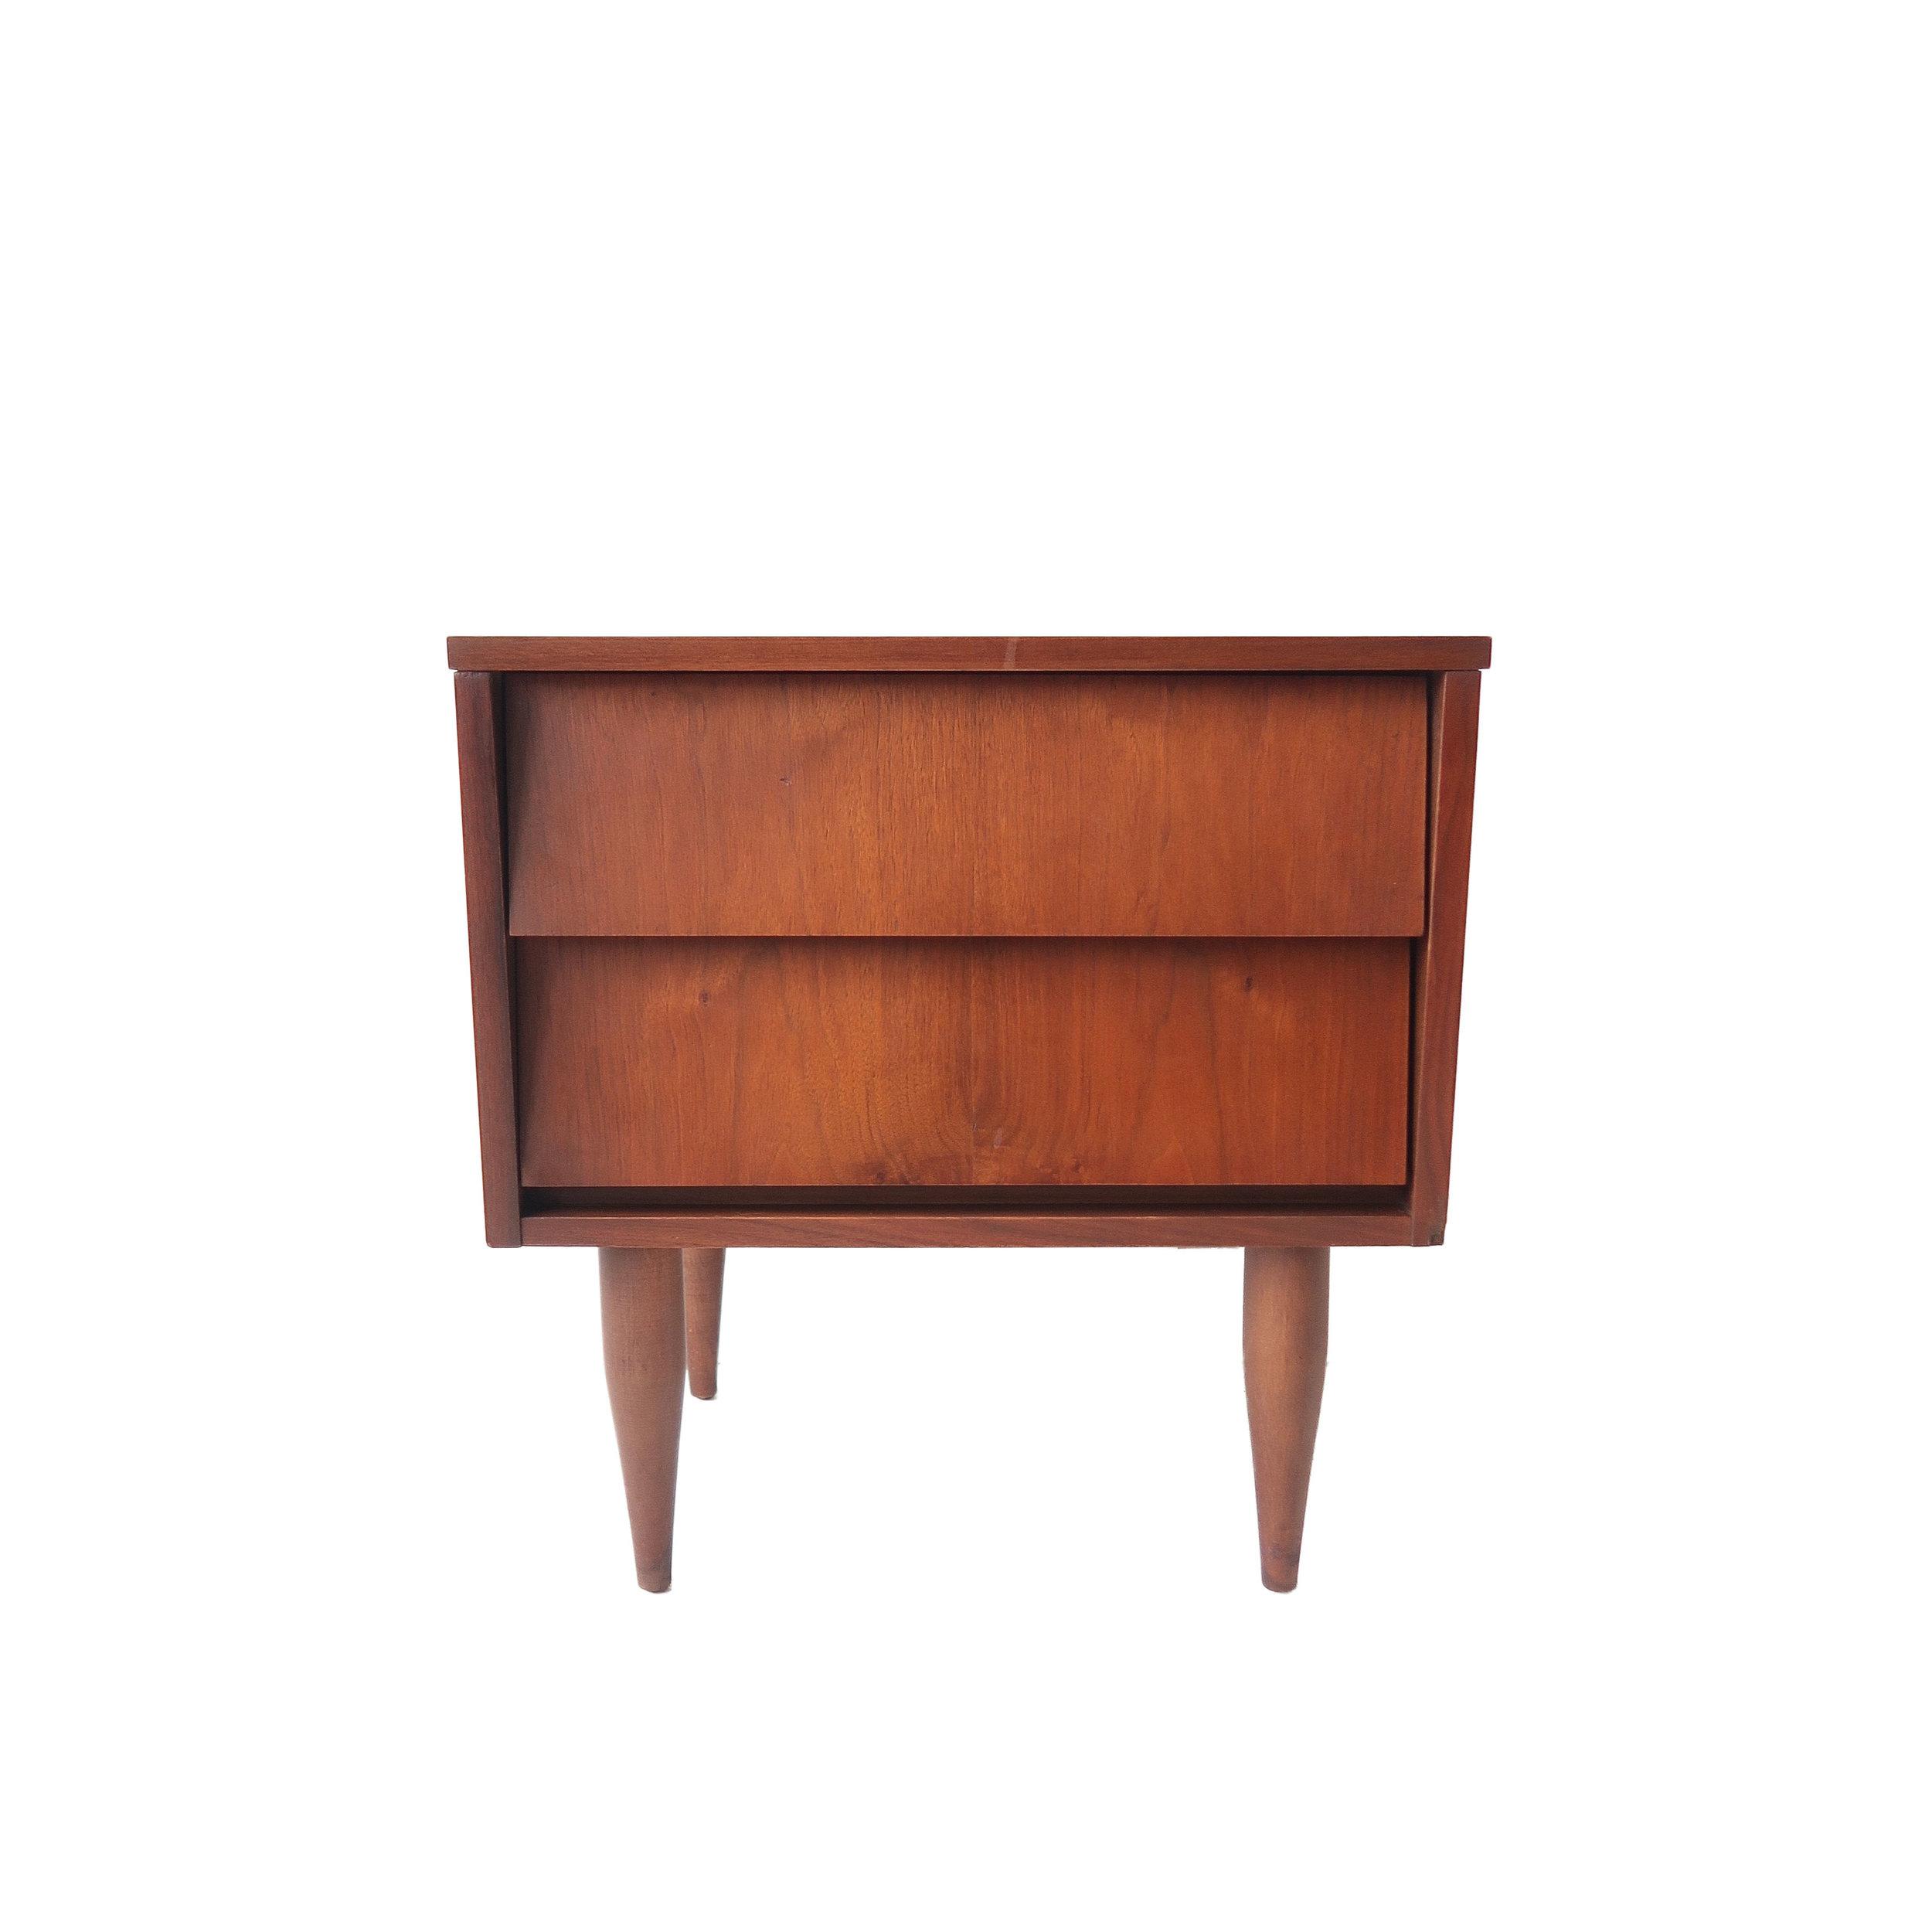 vintage mid century modern 2 drawer dresser.jpg